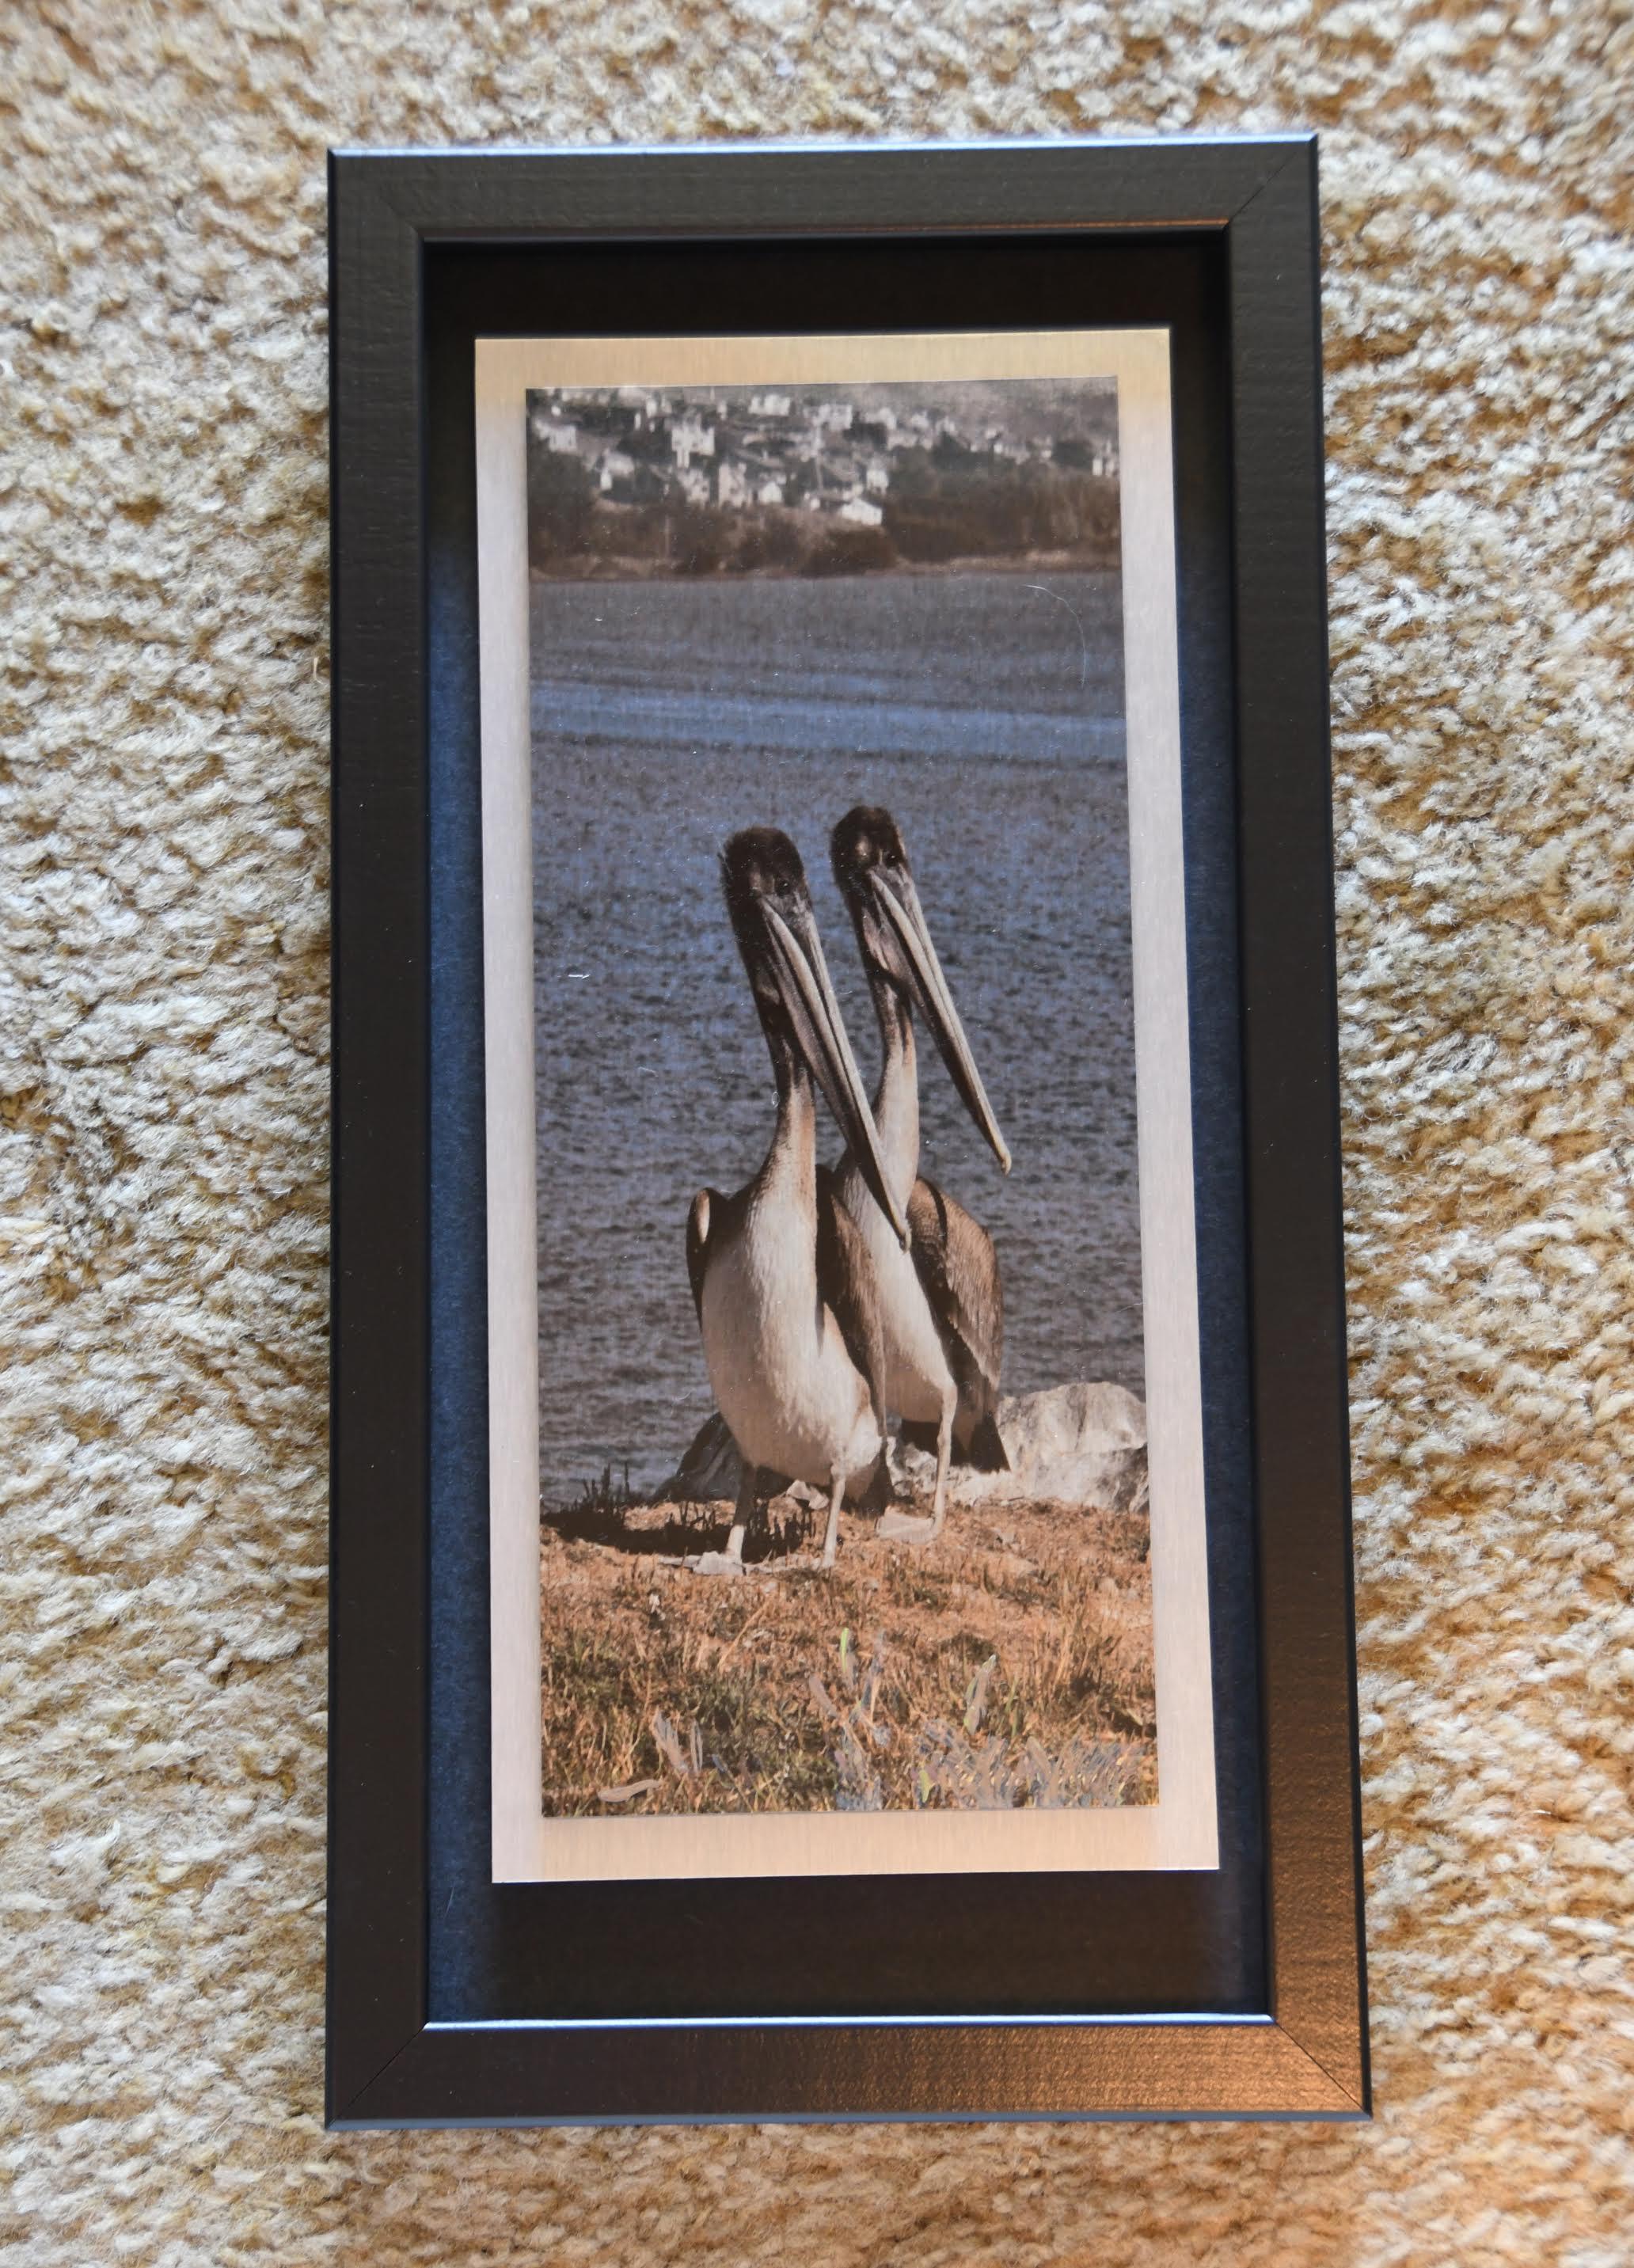 Bodega Bay Twosome 8x16 silver